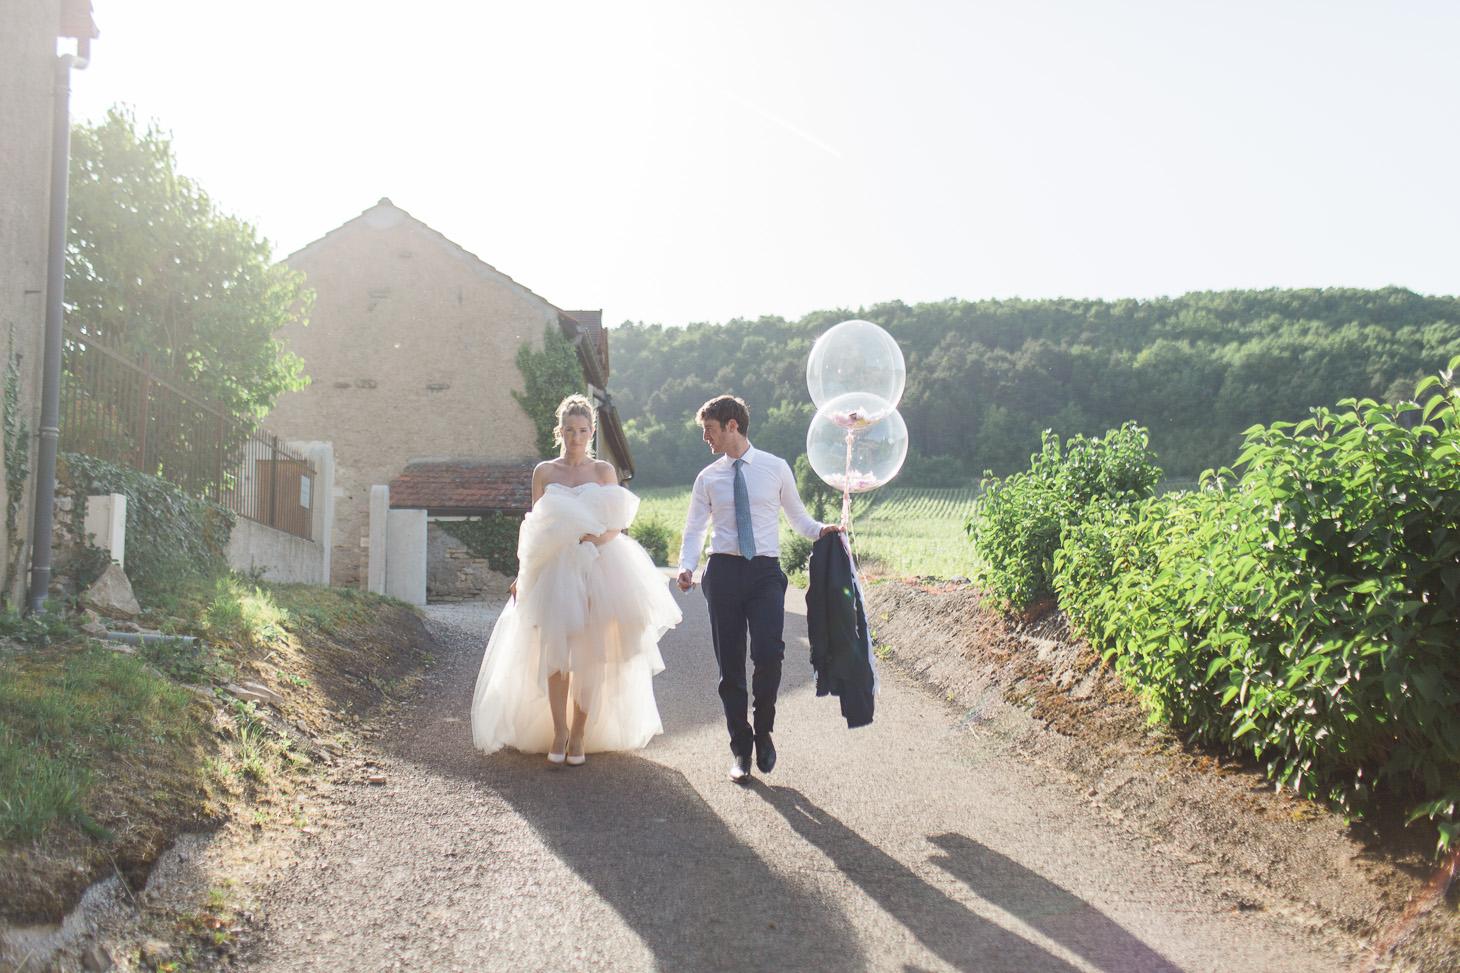 bourgogne_wedding_photographer_chateau_pommard-069